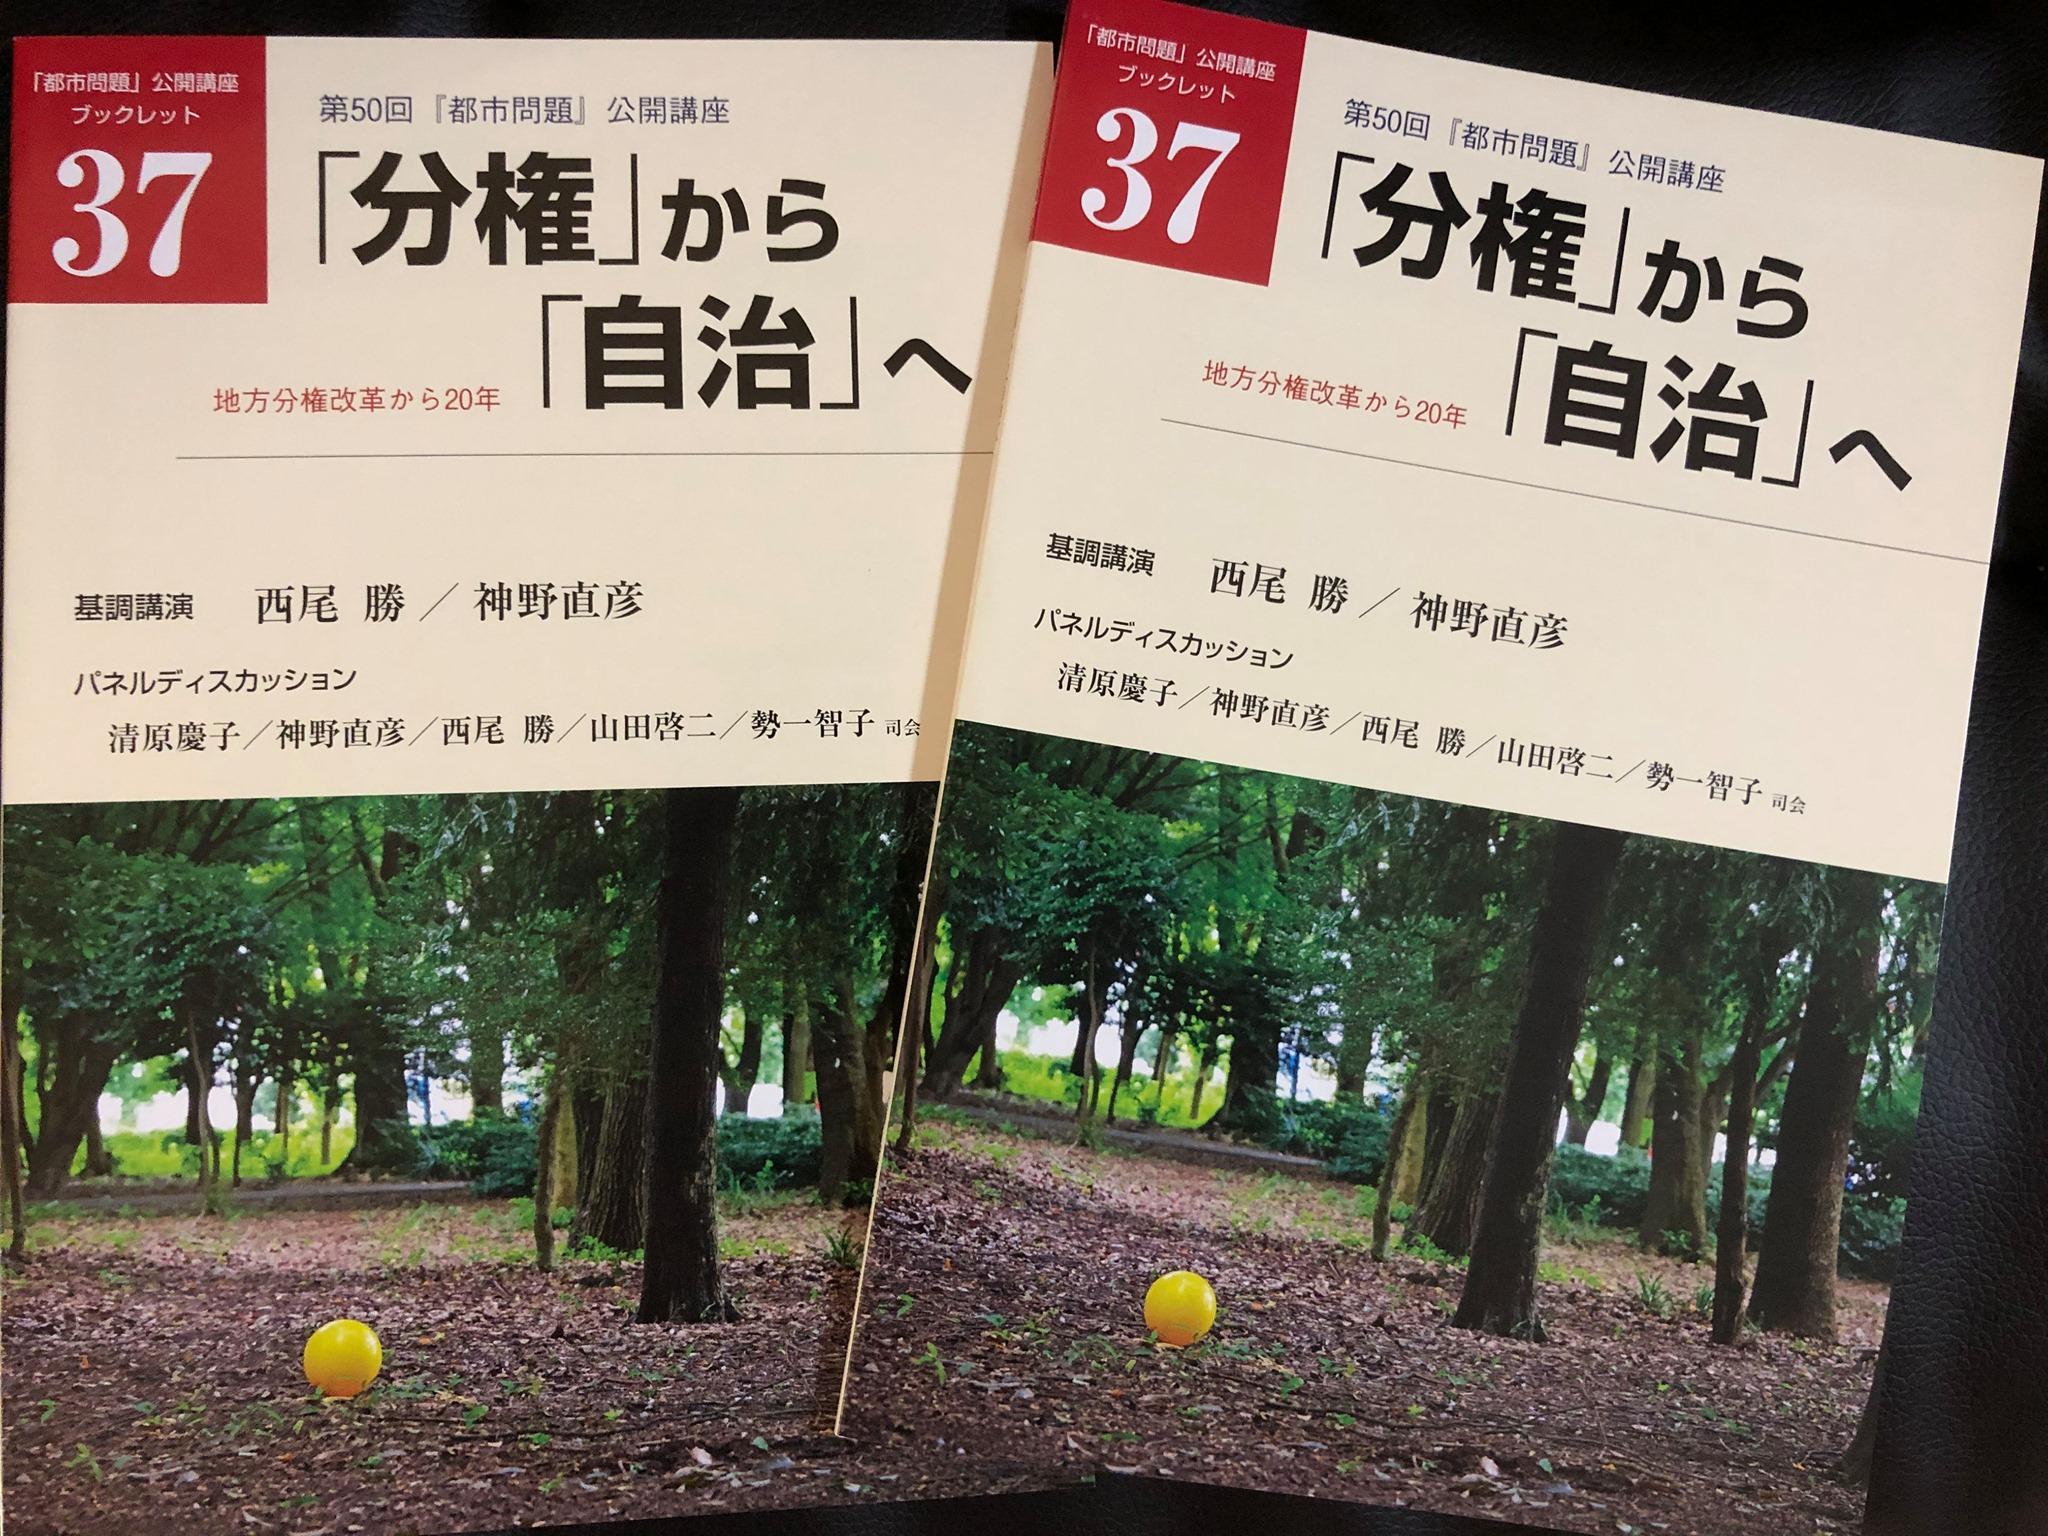 後藤安田記念東京都市研究所主催『「都市問題」公開講座「分権」から「自治」へ―地方分権改革から20年』が刊行されました。